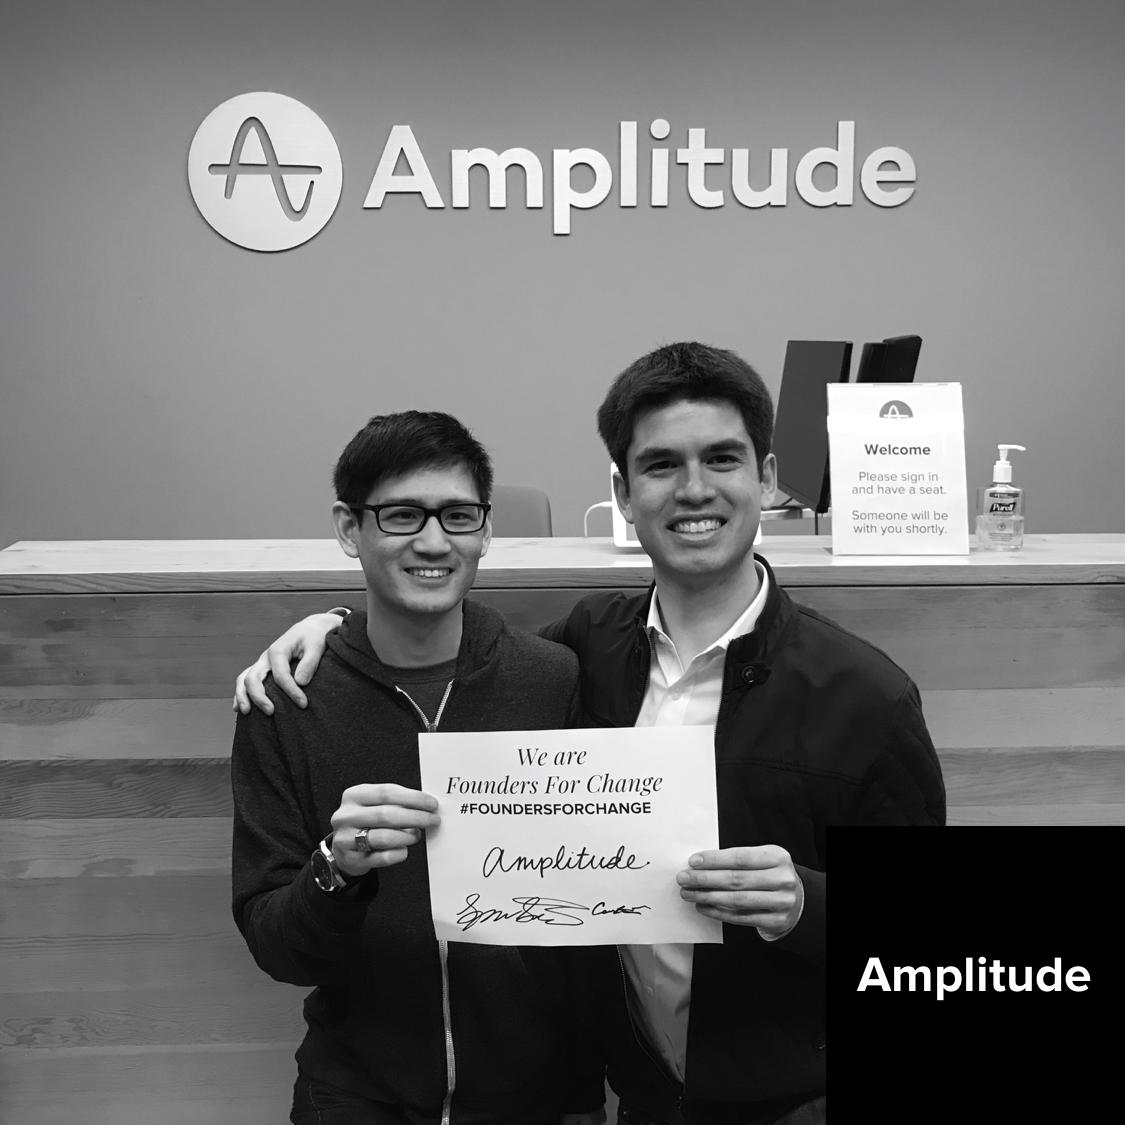 Amplitude_SpenserSkatesCurtisLiu.png